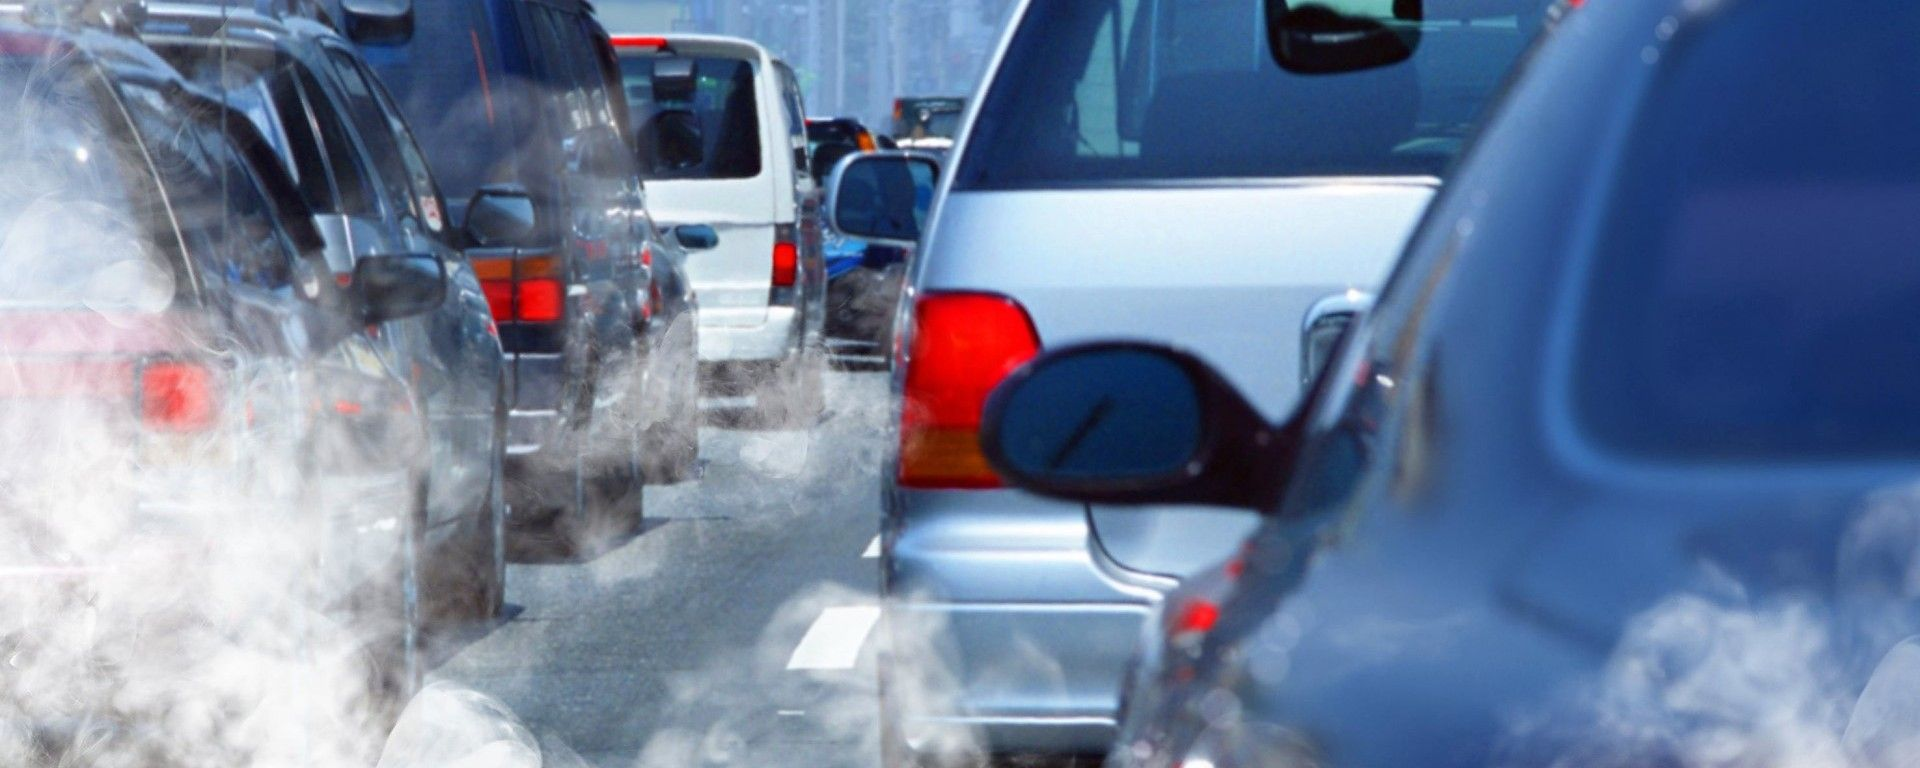 Particolato, cancro & c: meglio metano, benzina o diesel?